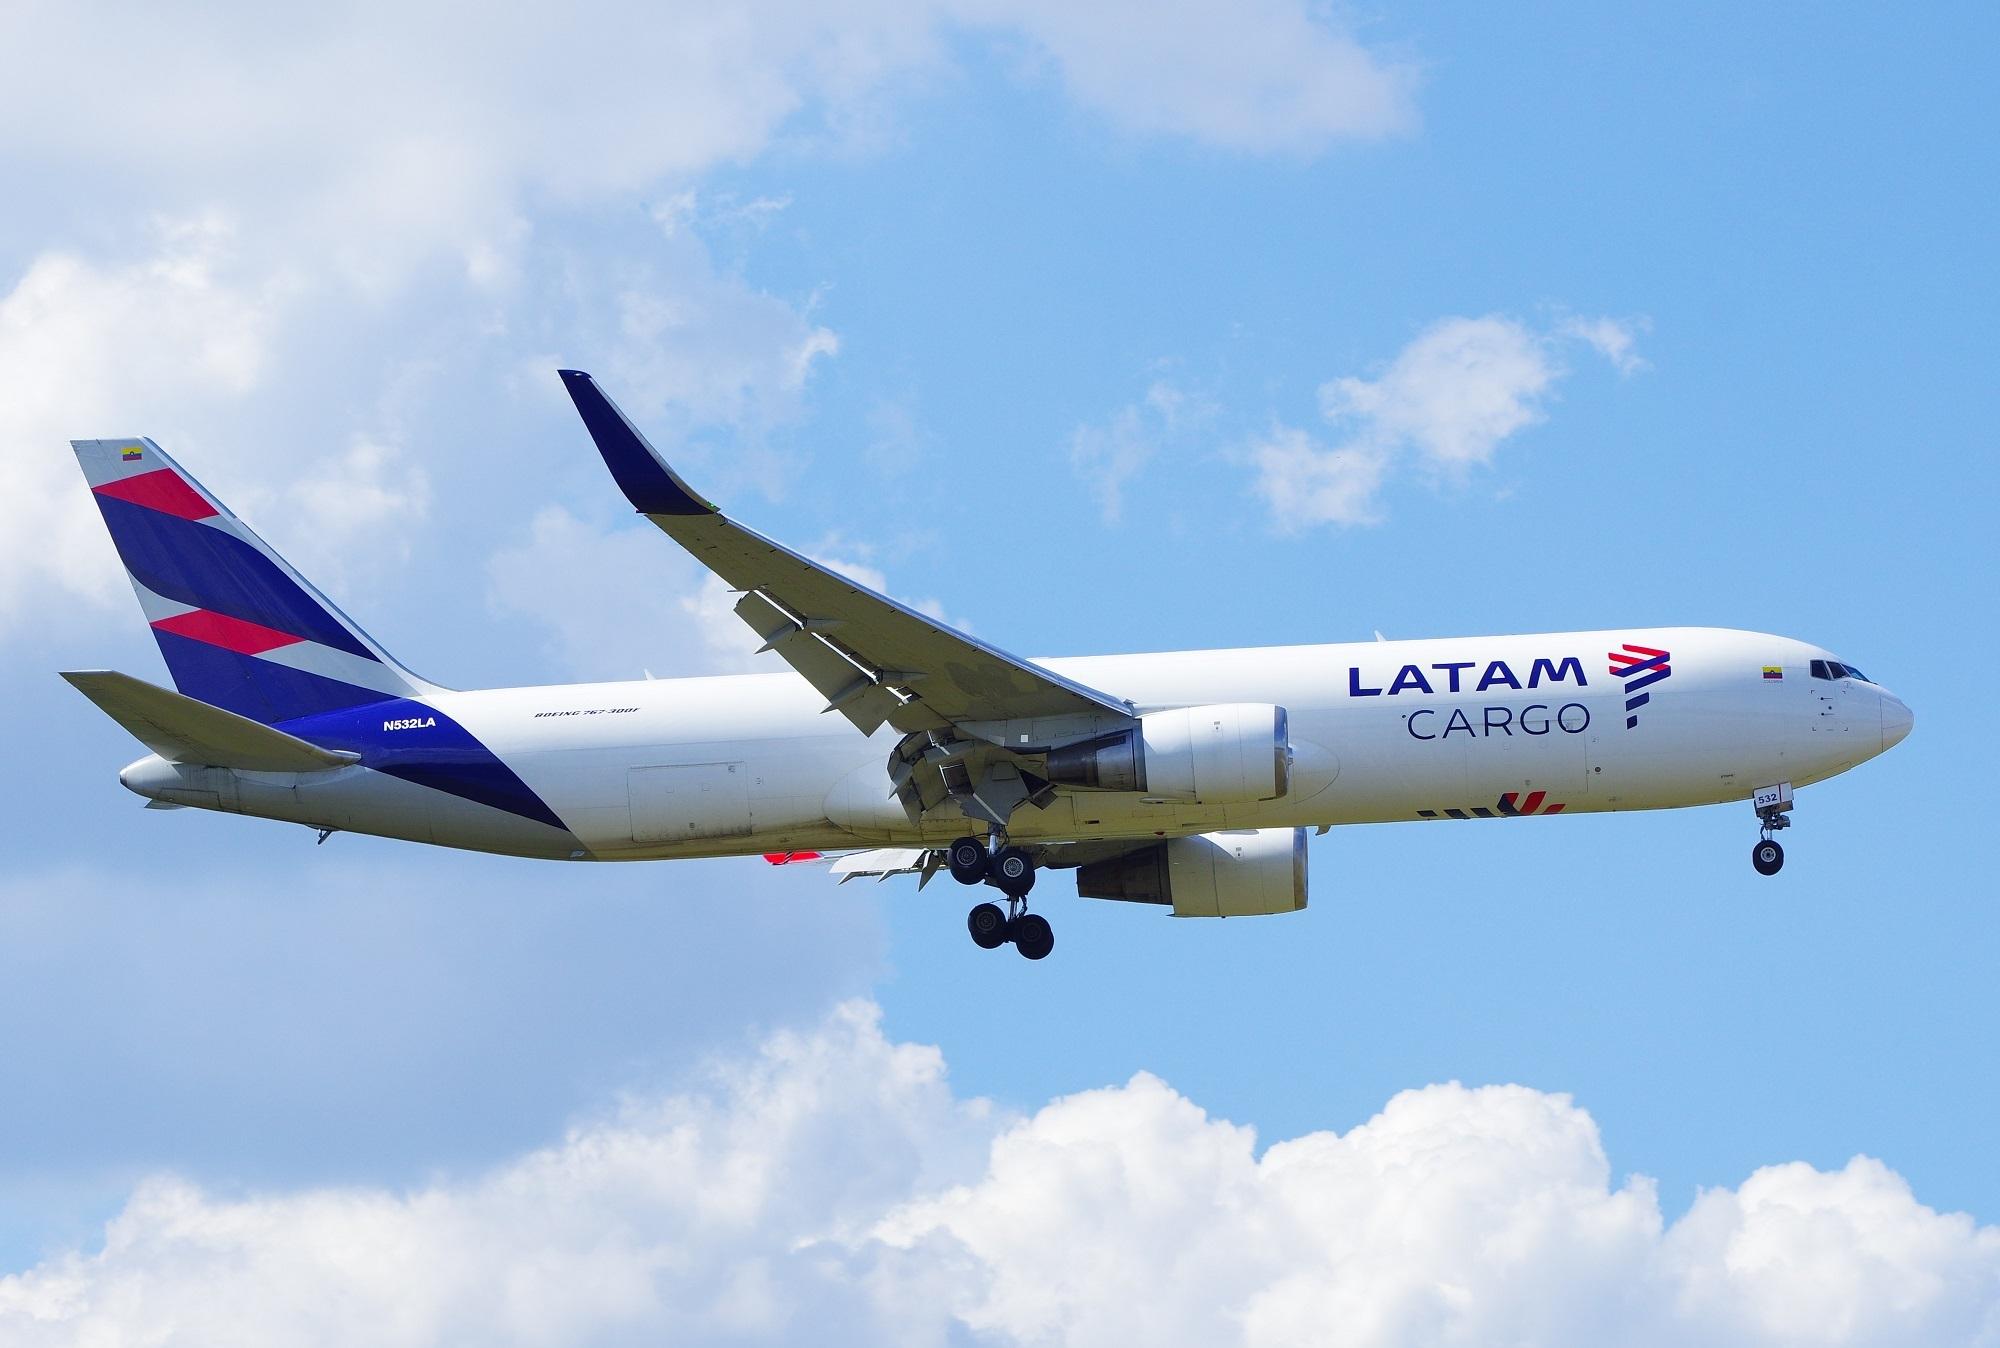 LATAM Cargo Boeing 767-300F, N5 - brummi | ello